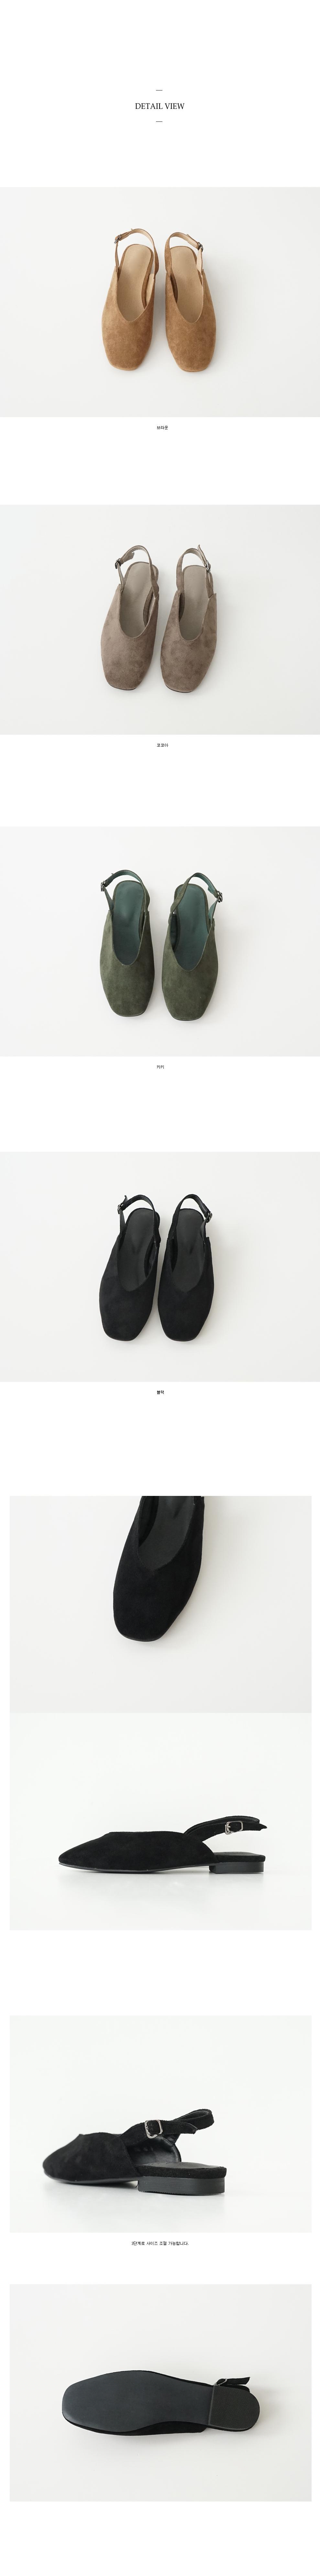 suede texture slingback sandals (4colors)